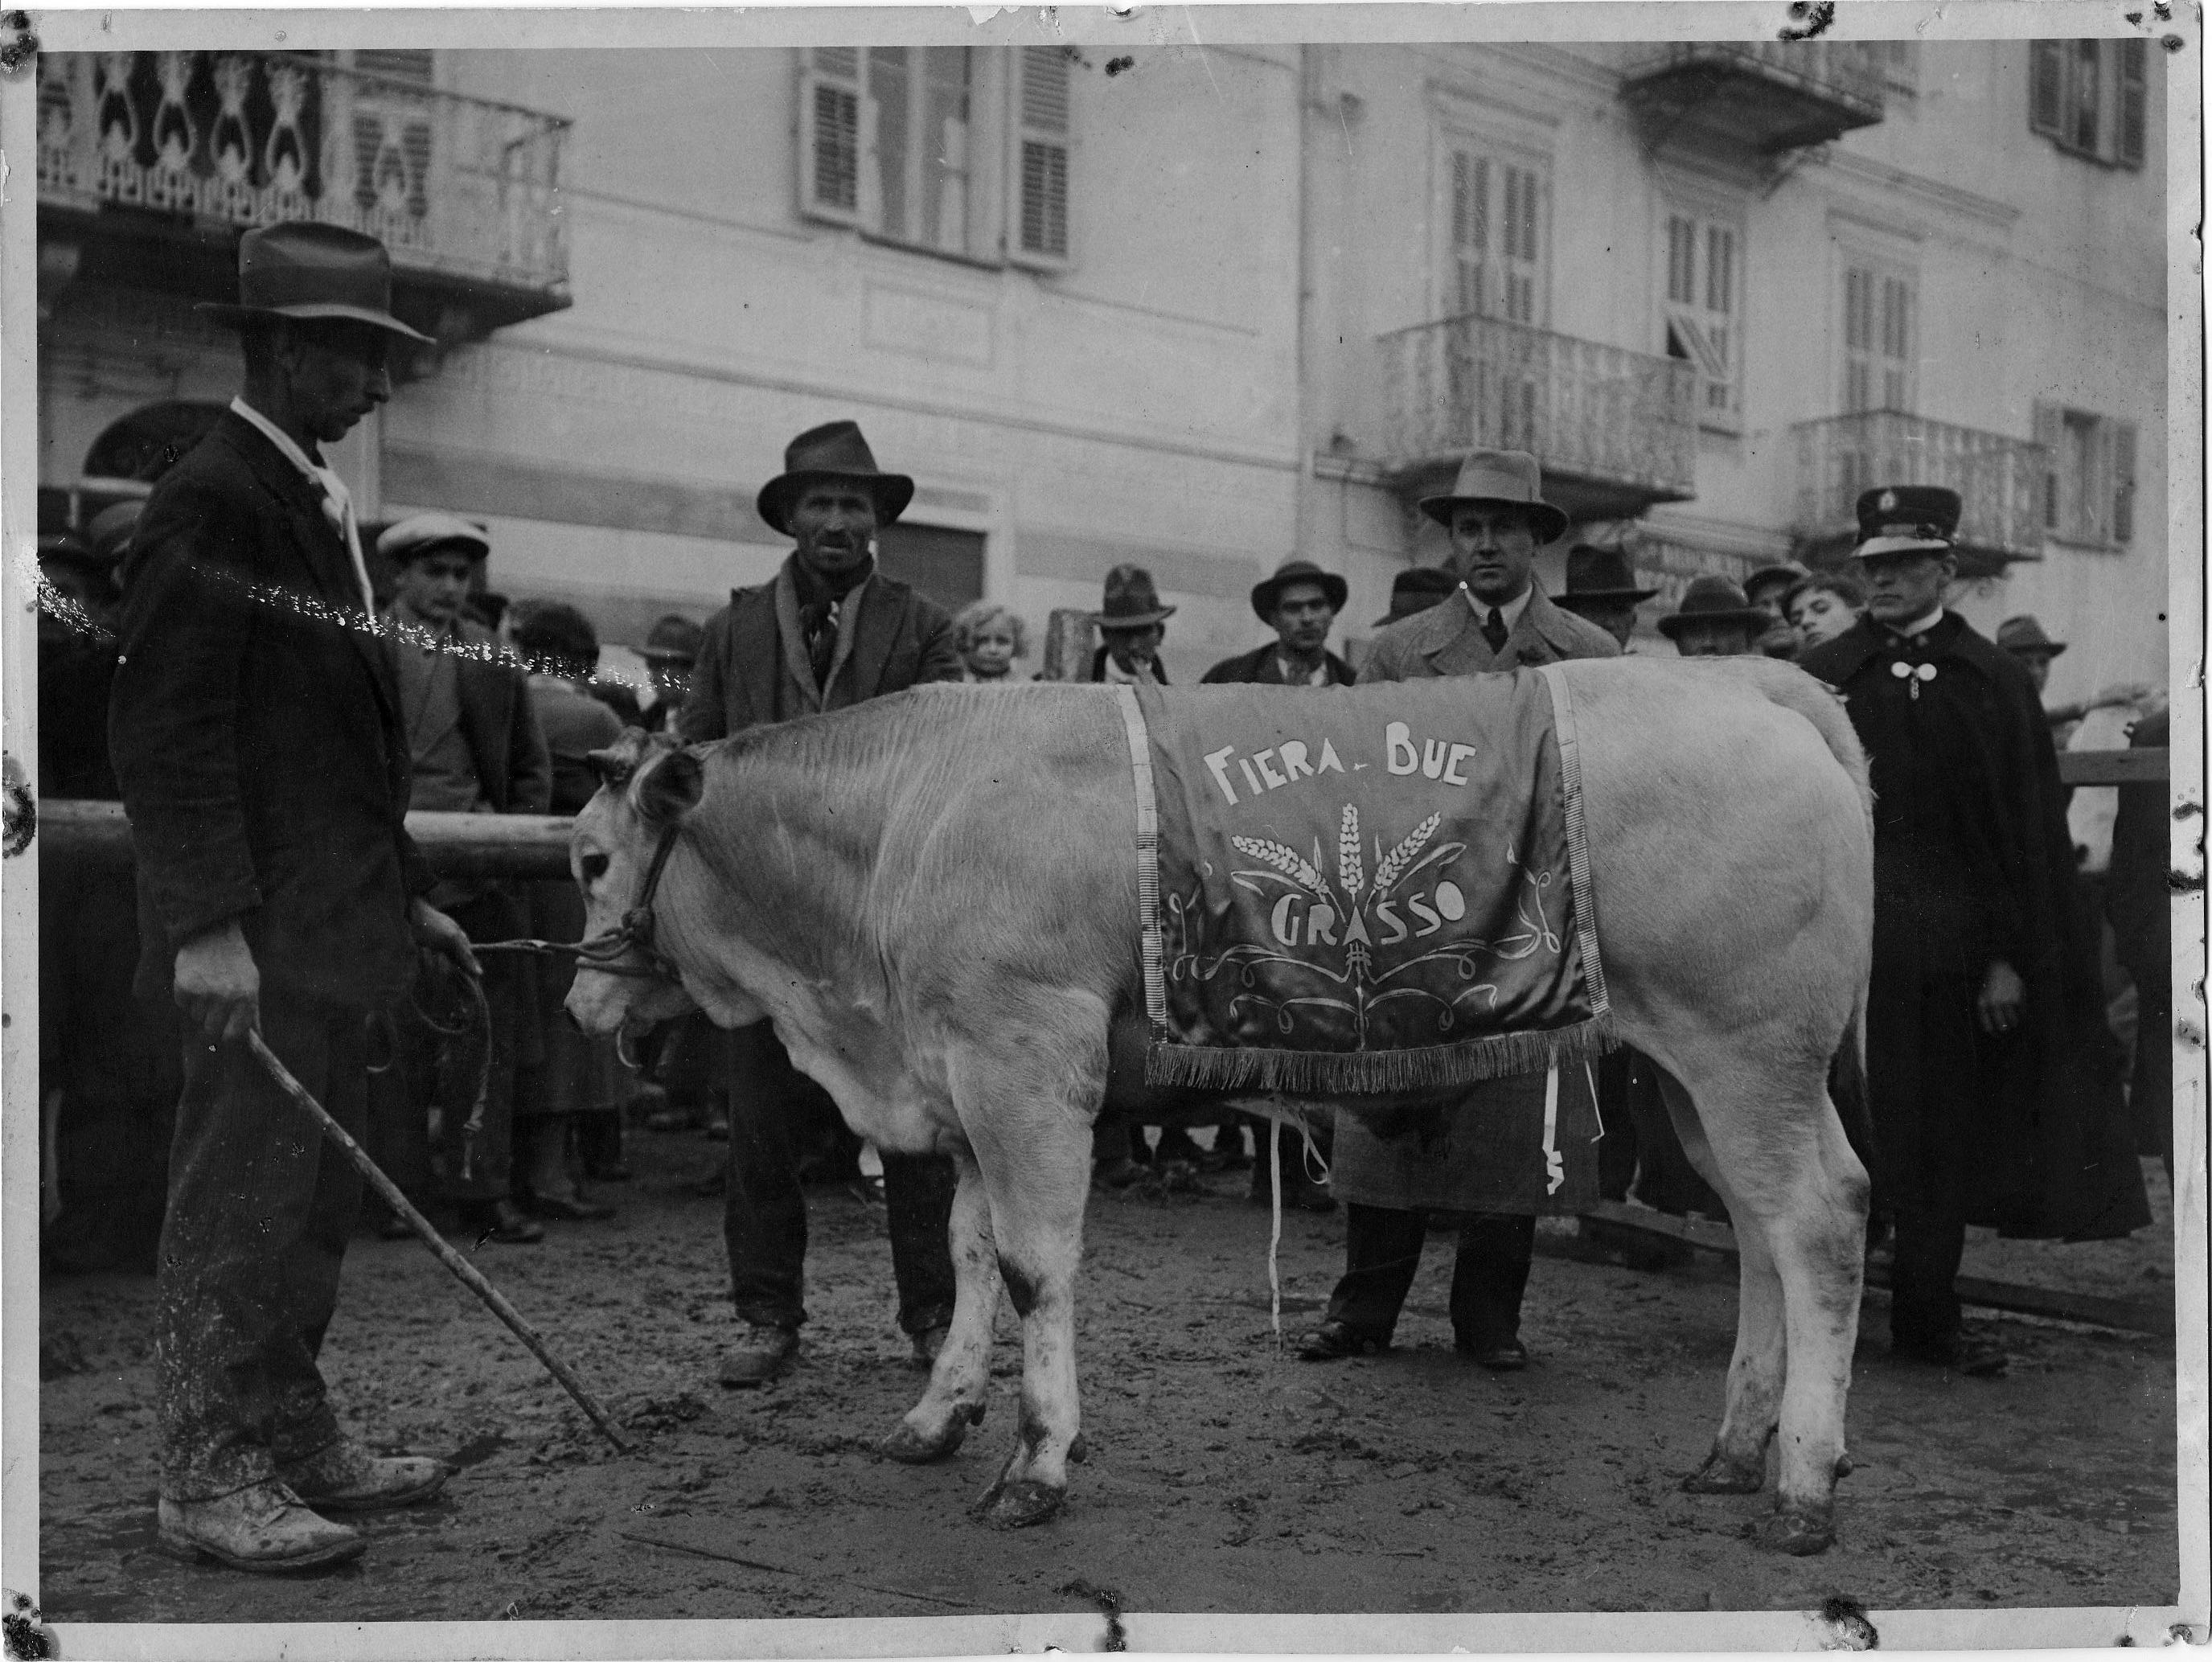 fiera del bue grasso 1934-55 015